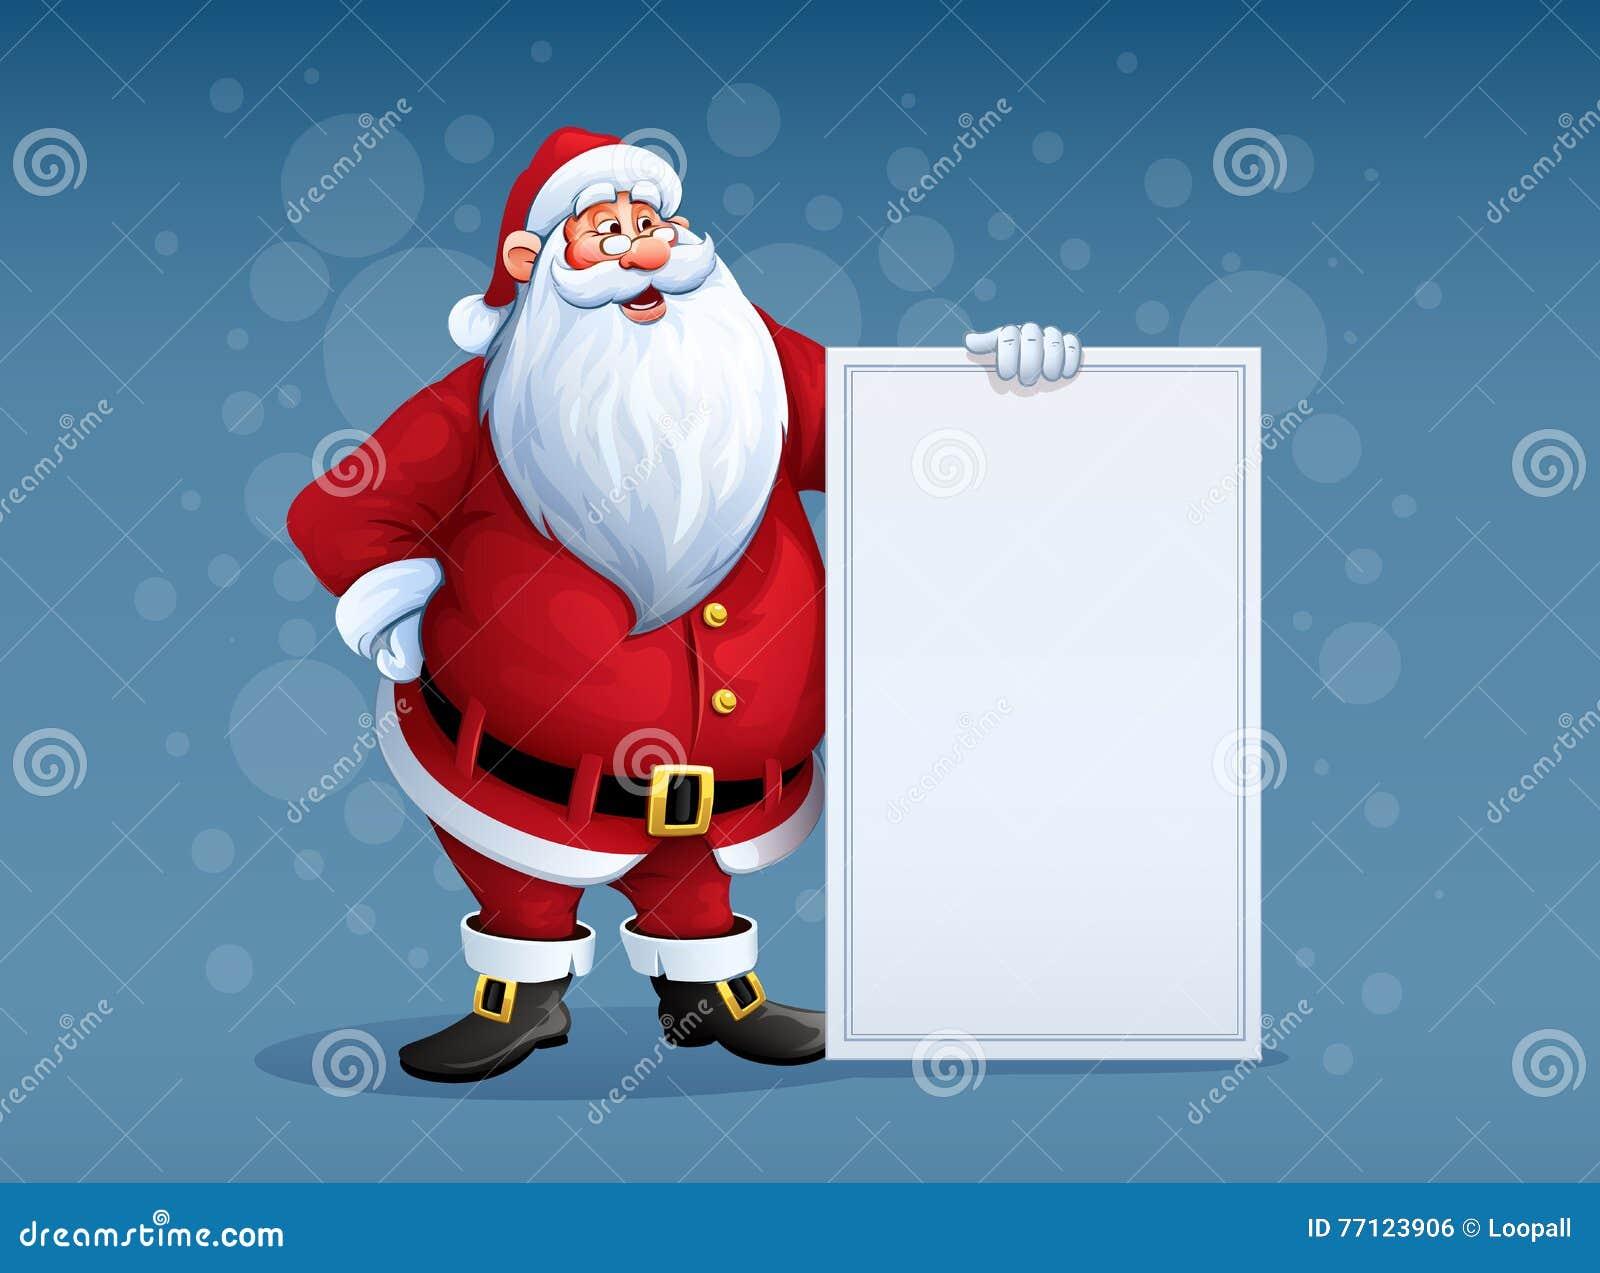 Εύθυμος Άγιος Βασίλης που στέκεται με το έμβλημα χαιρετισμών Χριστουγέννων στο βραχίονα